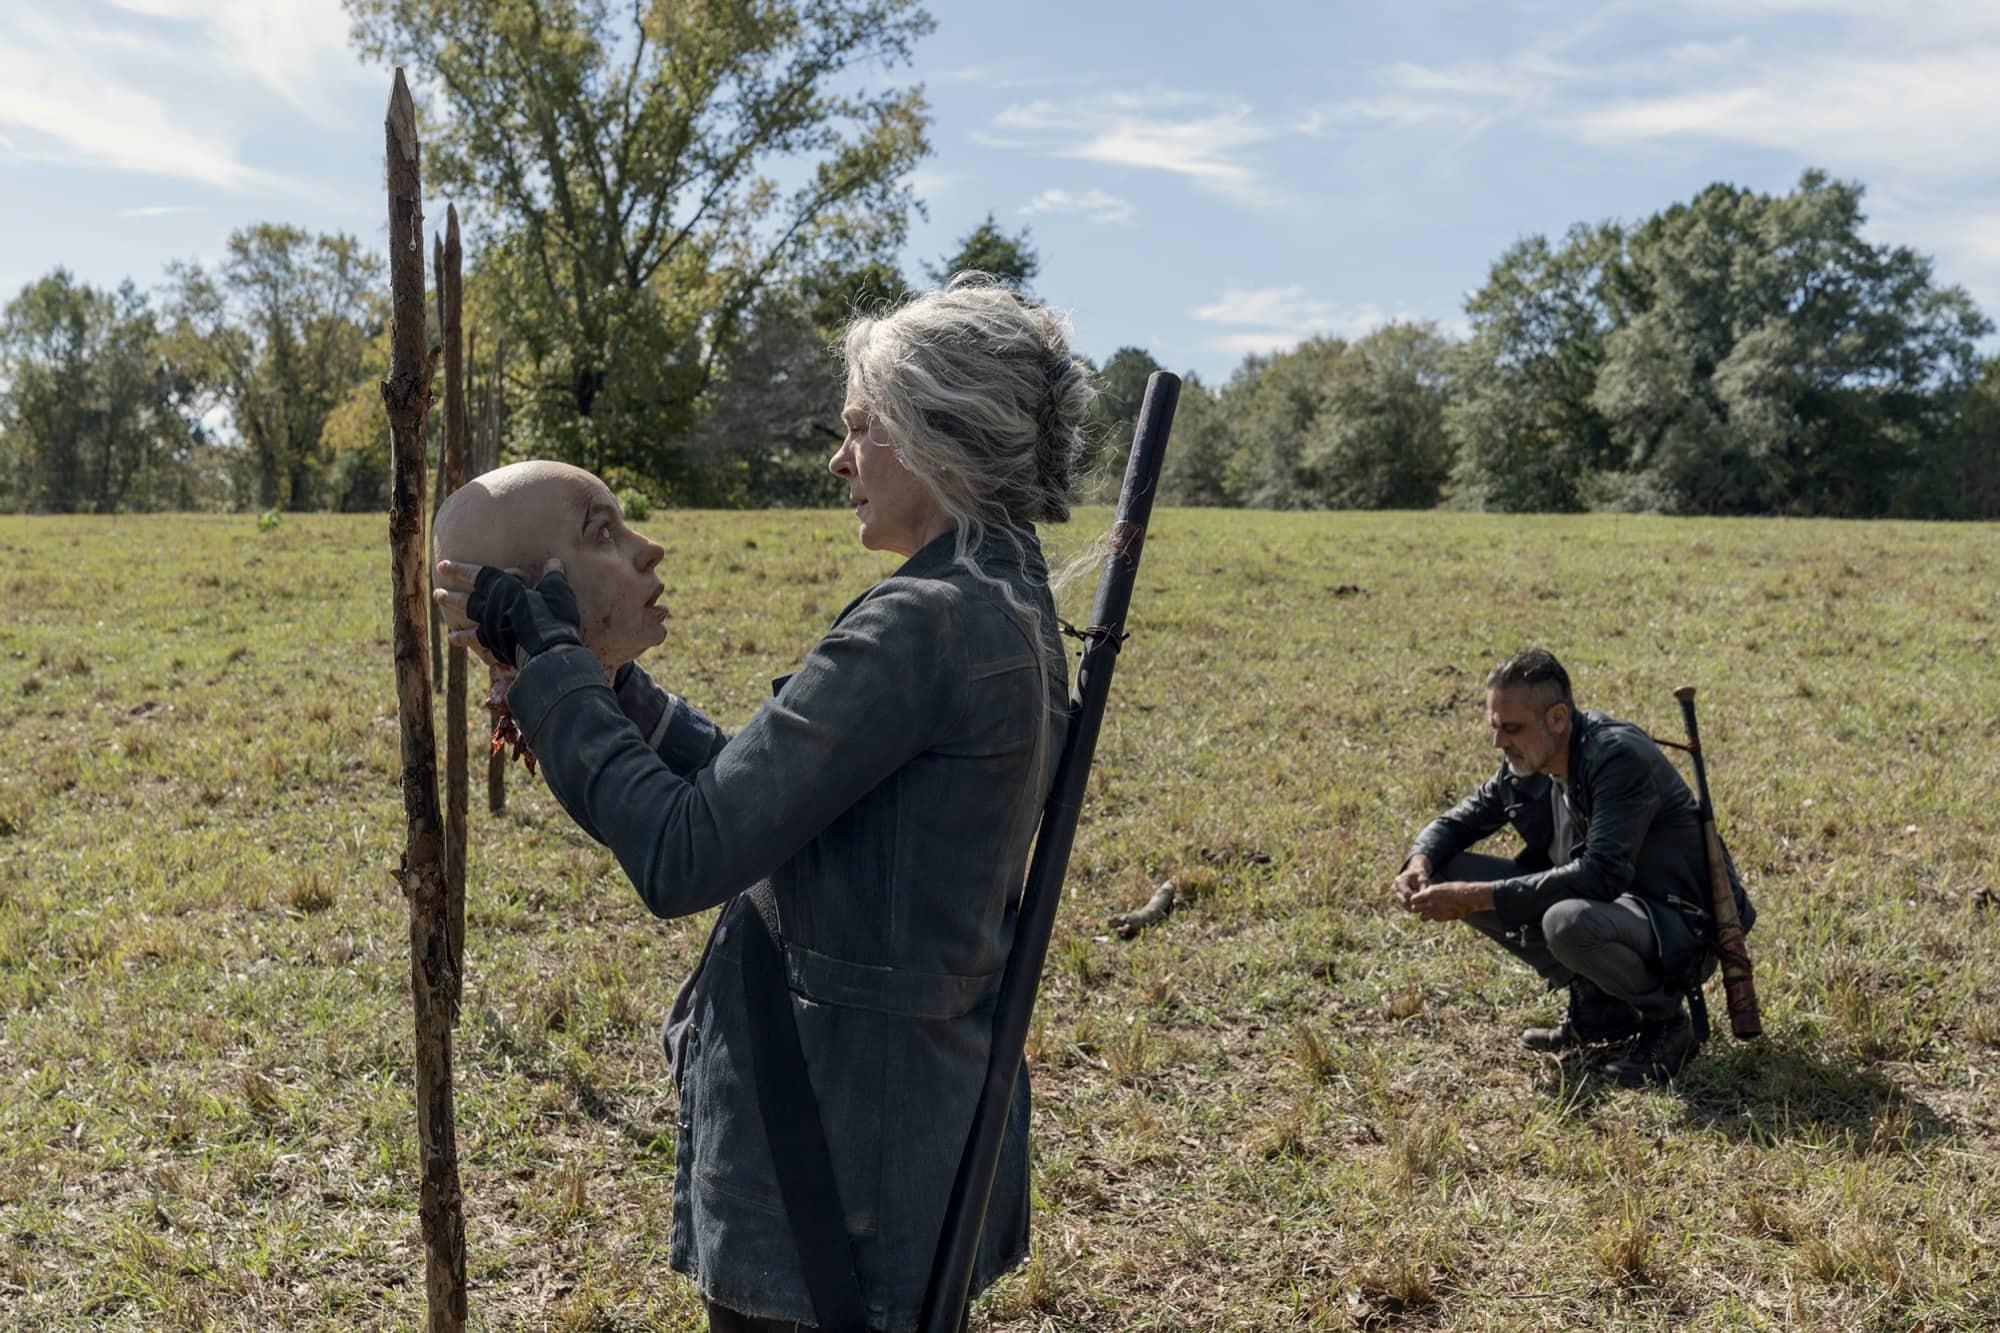 فصل یازدهم سریال The Walking Dead یا همان مردگان متحرک قرار است یکی از خونین ترین و شوکه کننده ترین سریال های تاریخ تلویزیون باشد